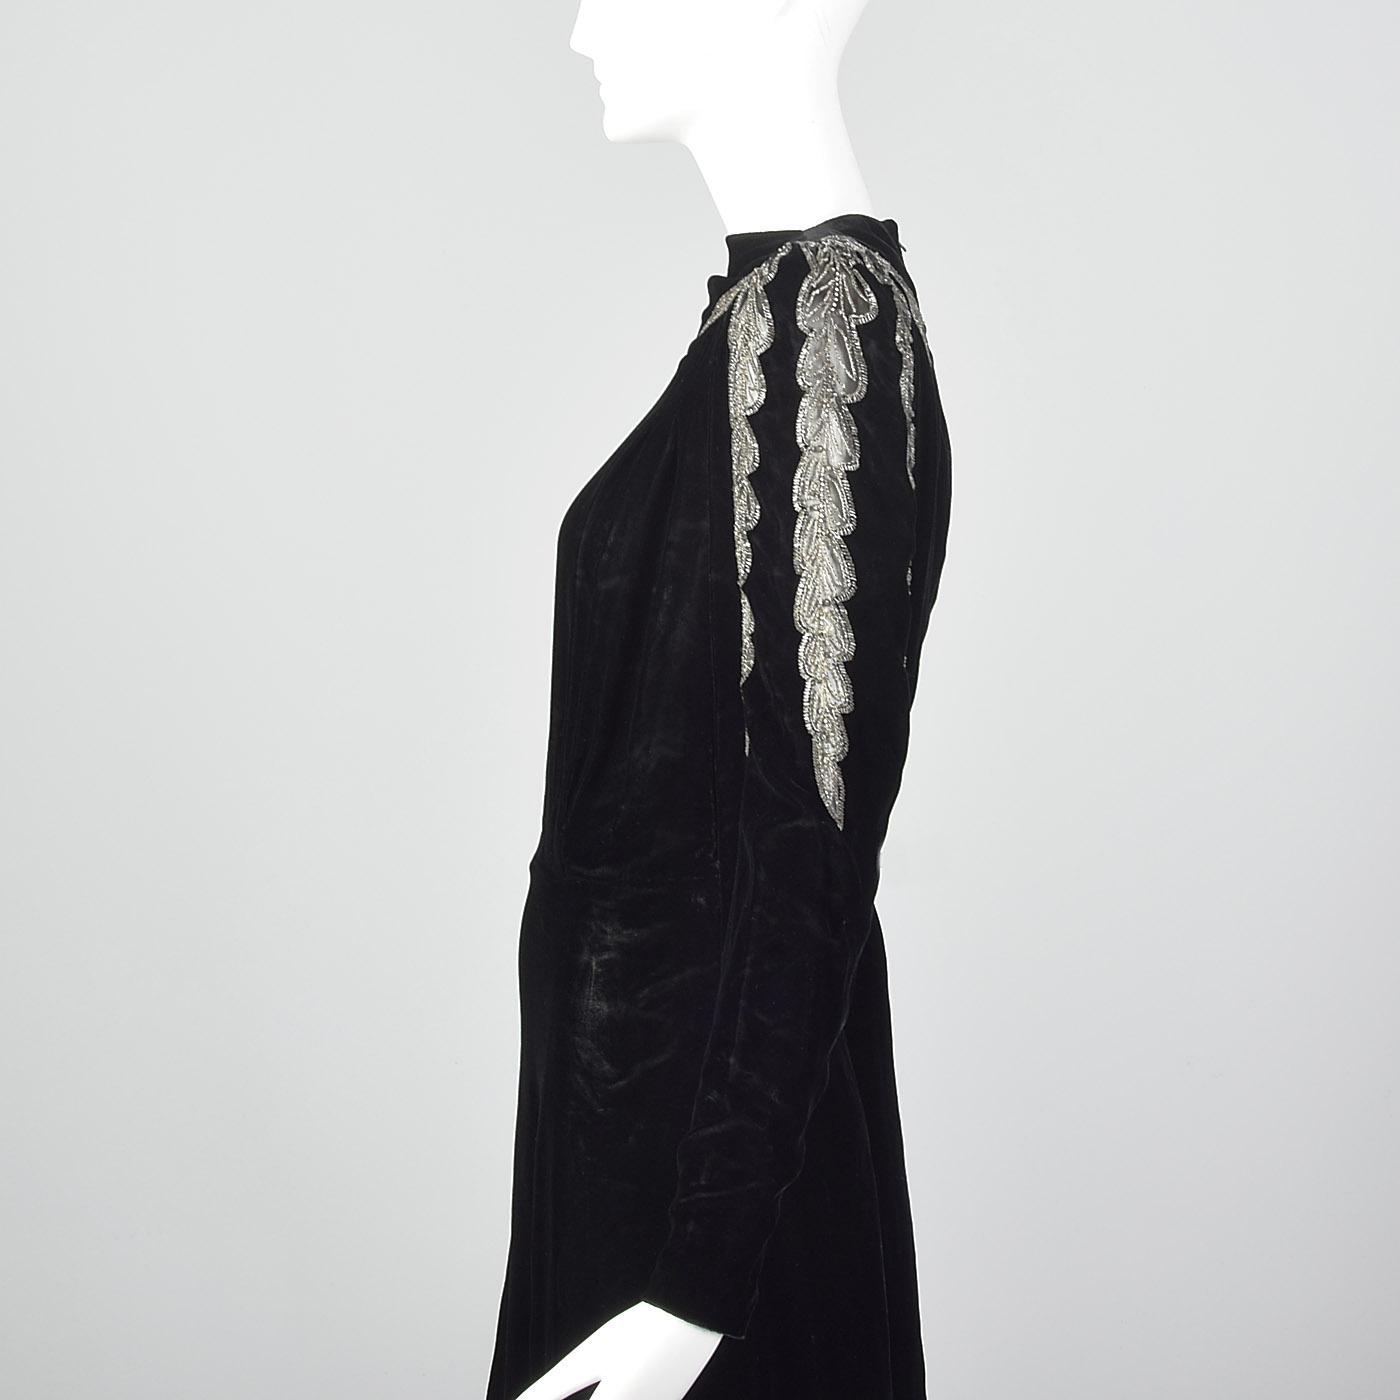 L 1940s Black Velvet Dress Sheer Sleeve Design Cocktail Evening Formal LBD 40s   eBay